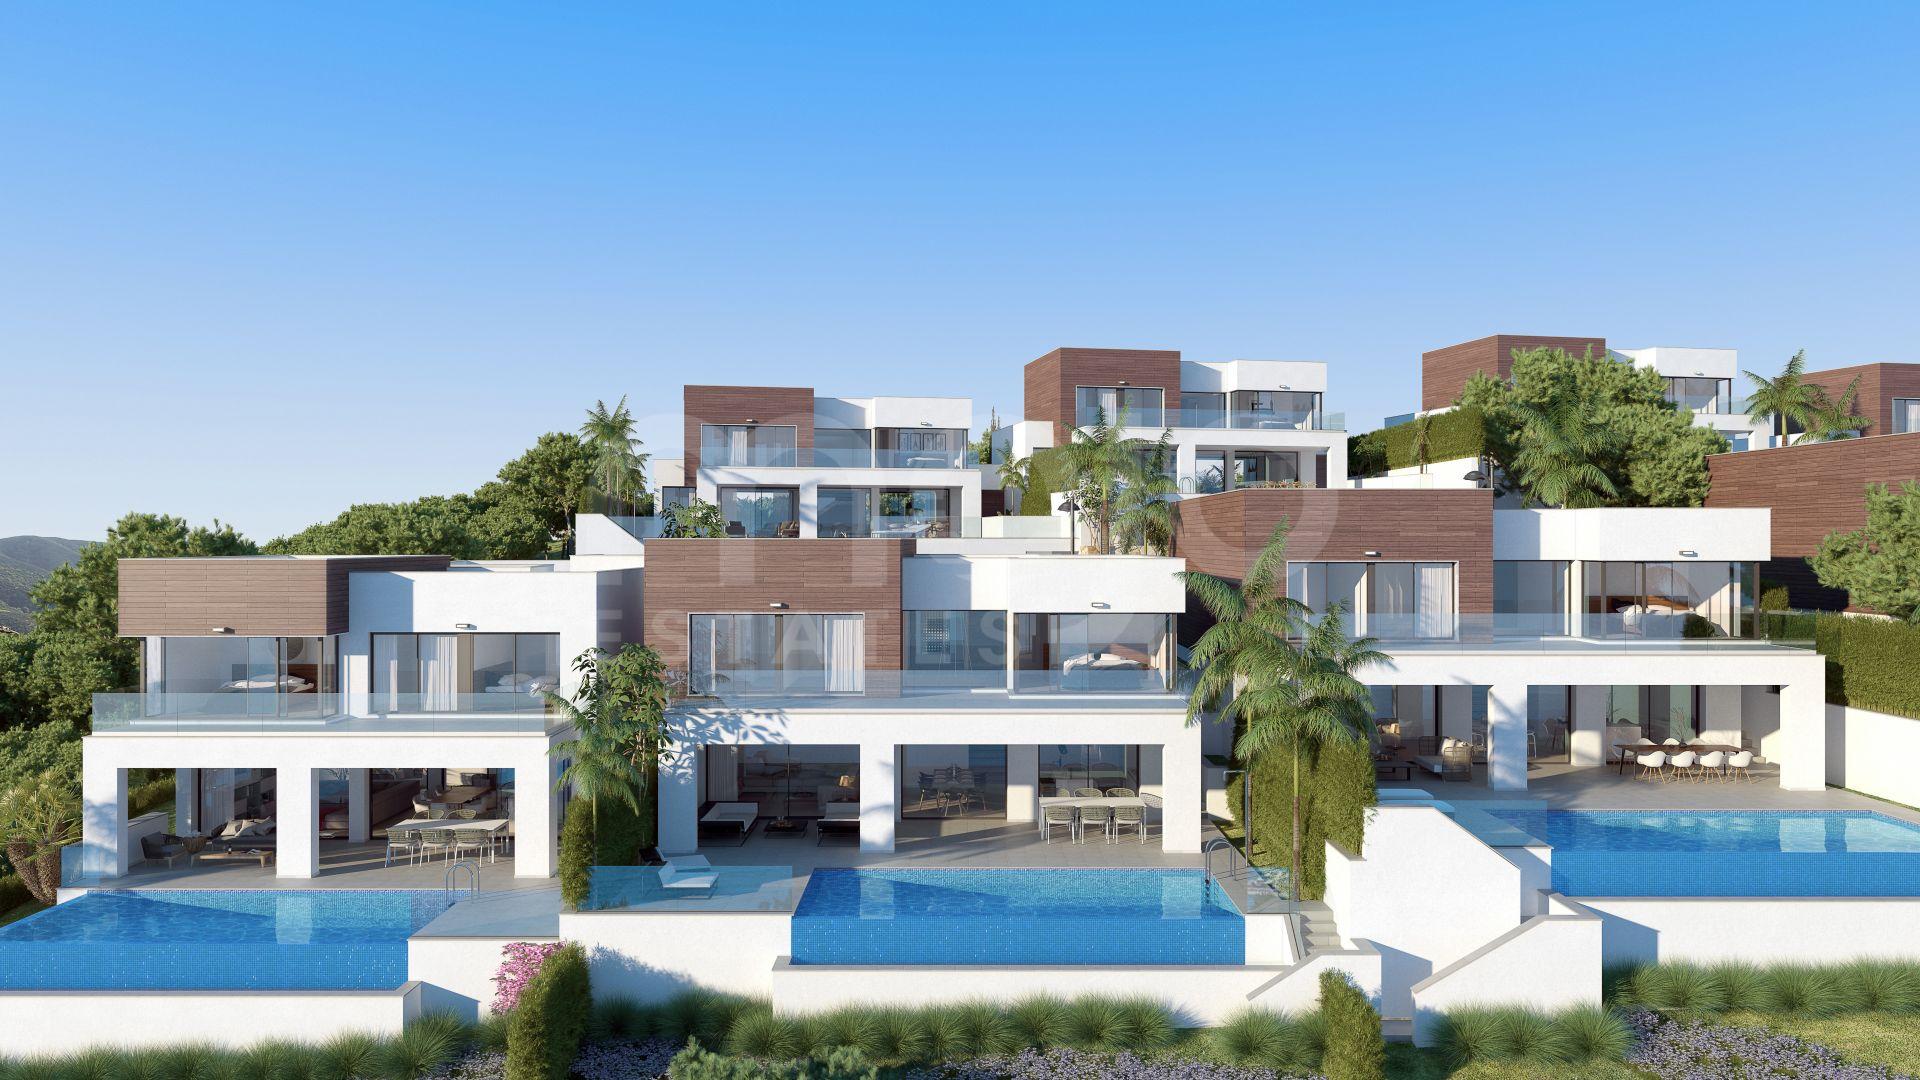 Fastighetsprojekt i Cala de Mijas, Mijas Costa